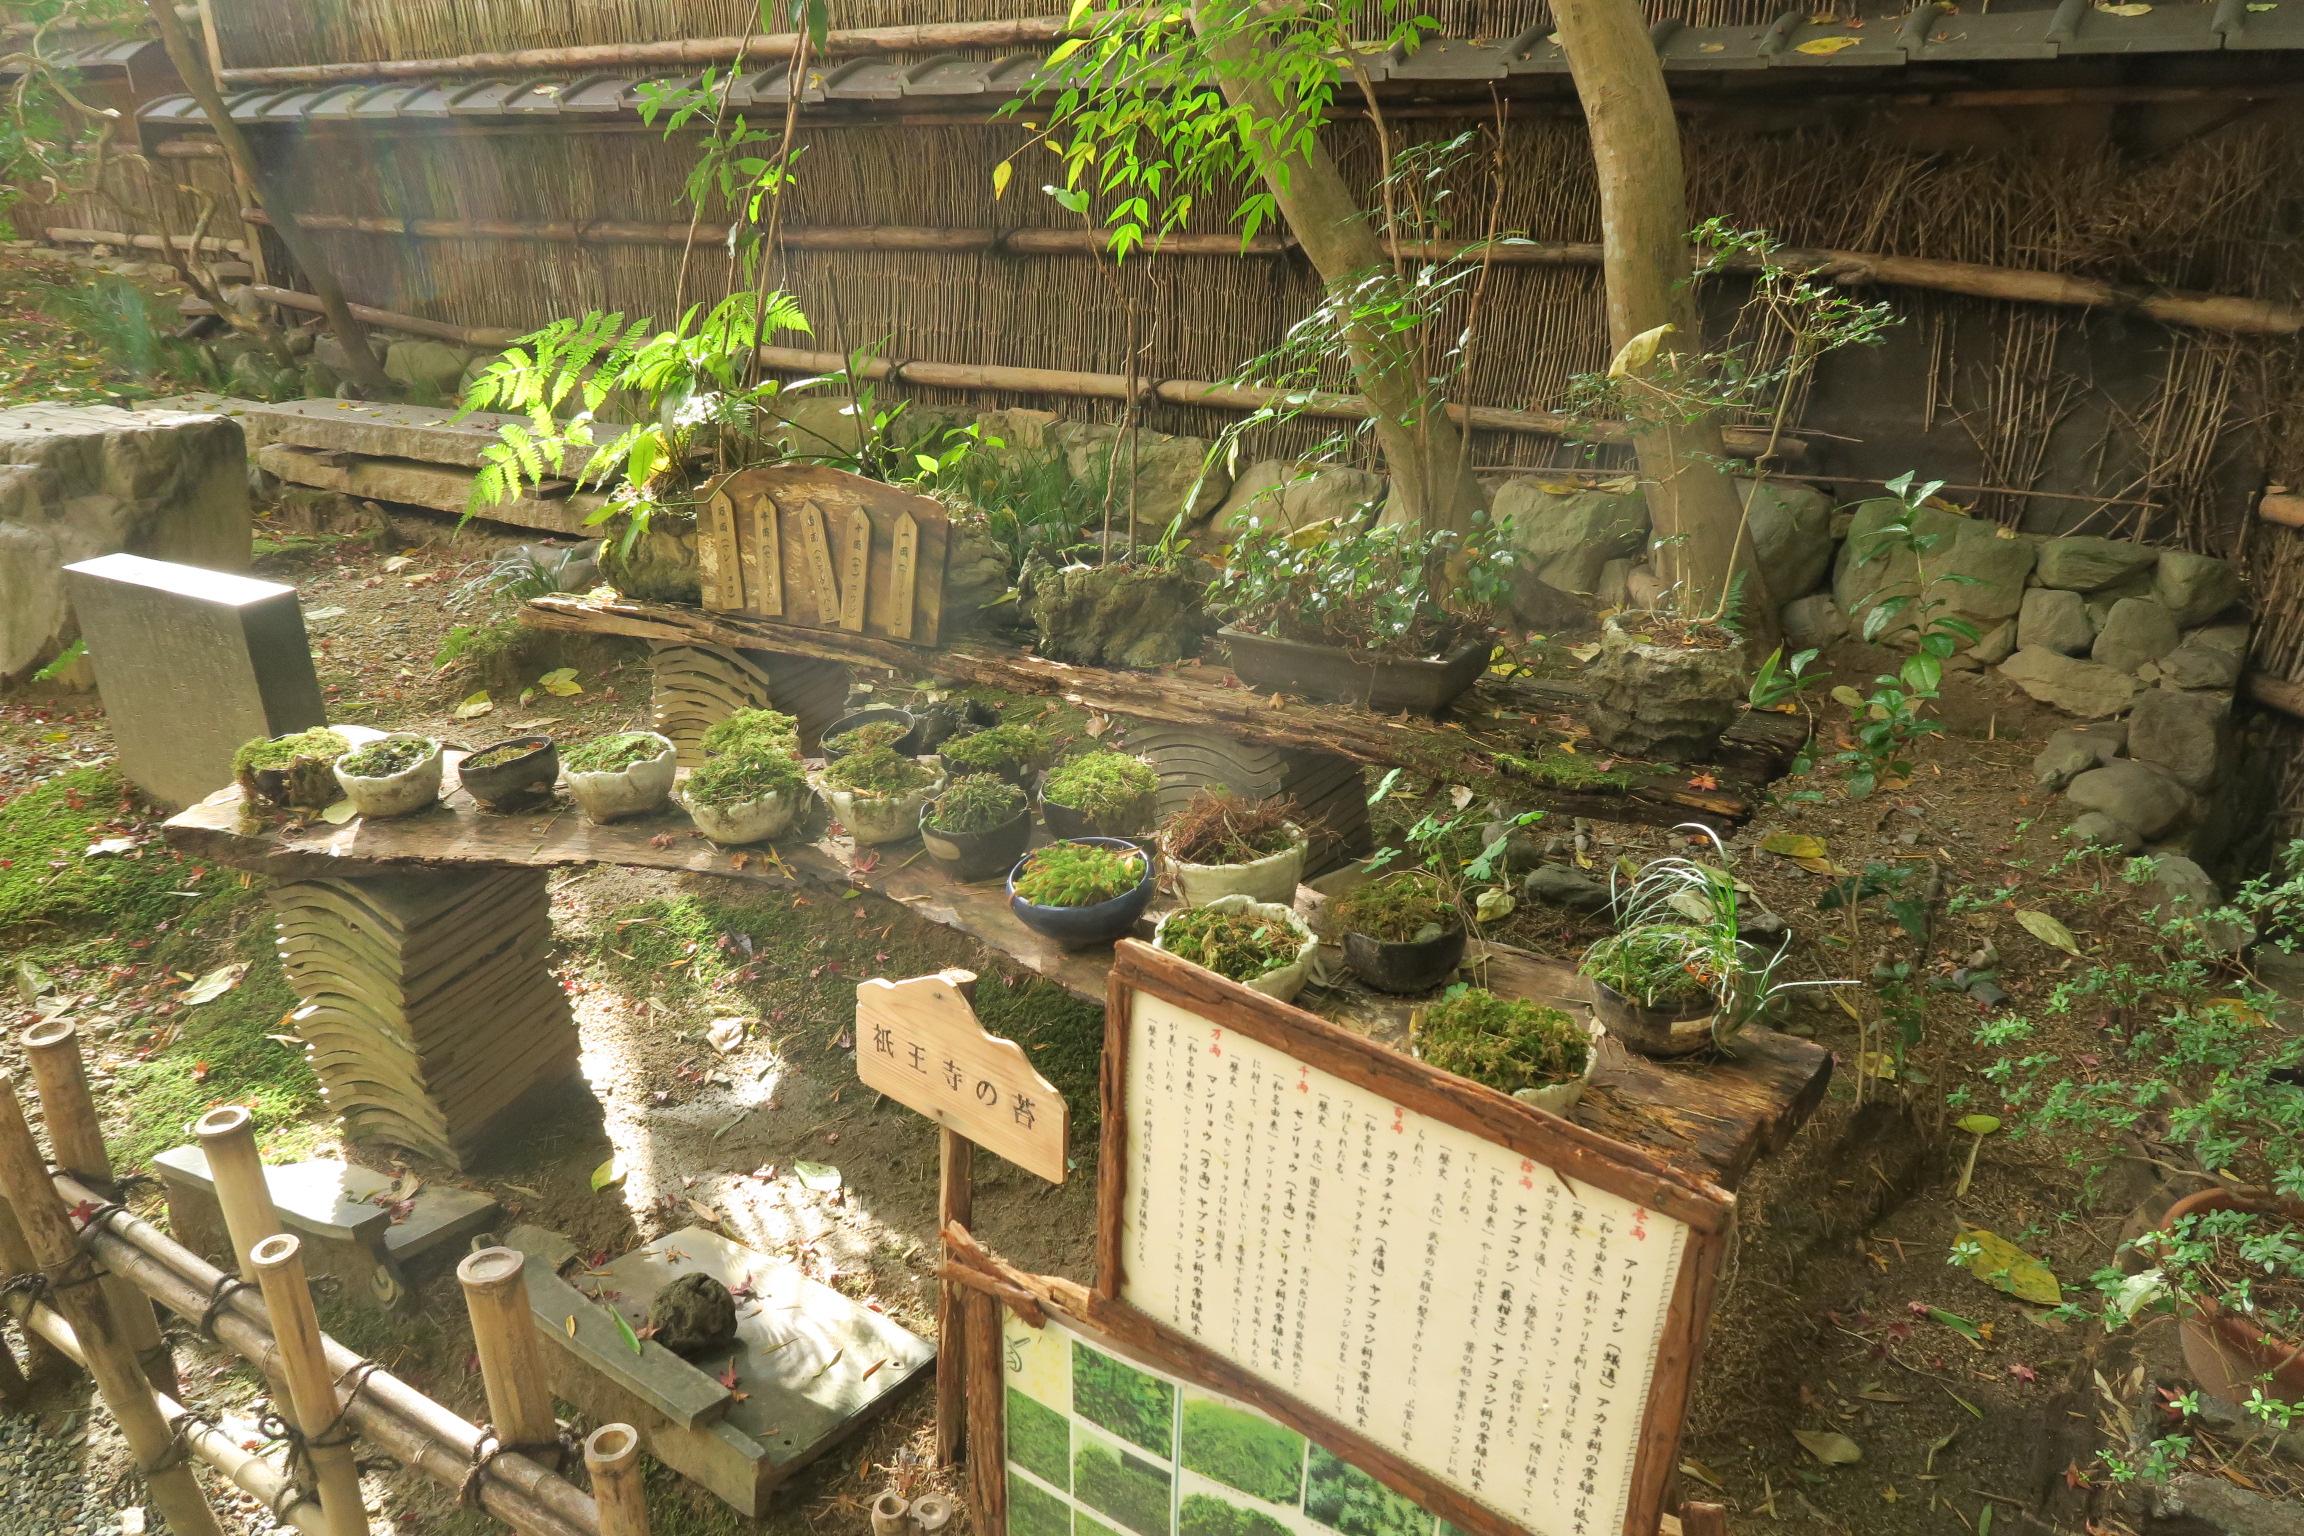 祇王寺のお庭にある苔の種類がわかるよう展示されてました。